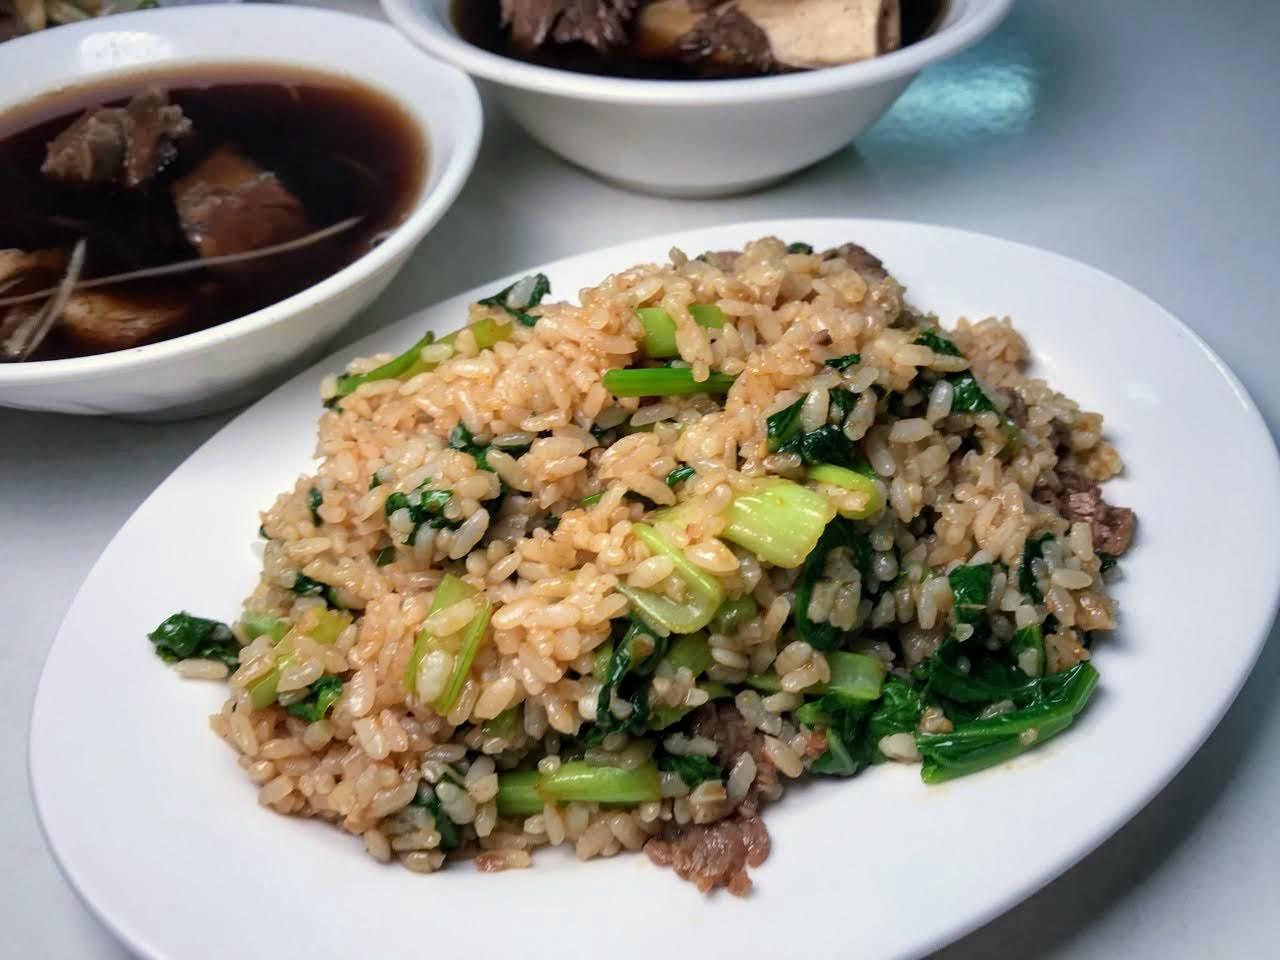 【台南|永康】阿蓮胡家羊肉-台南店|永康最強羊肉|大口吸骨髓的快感|跨越縣市的美味